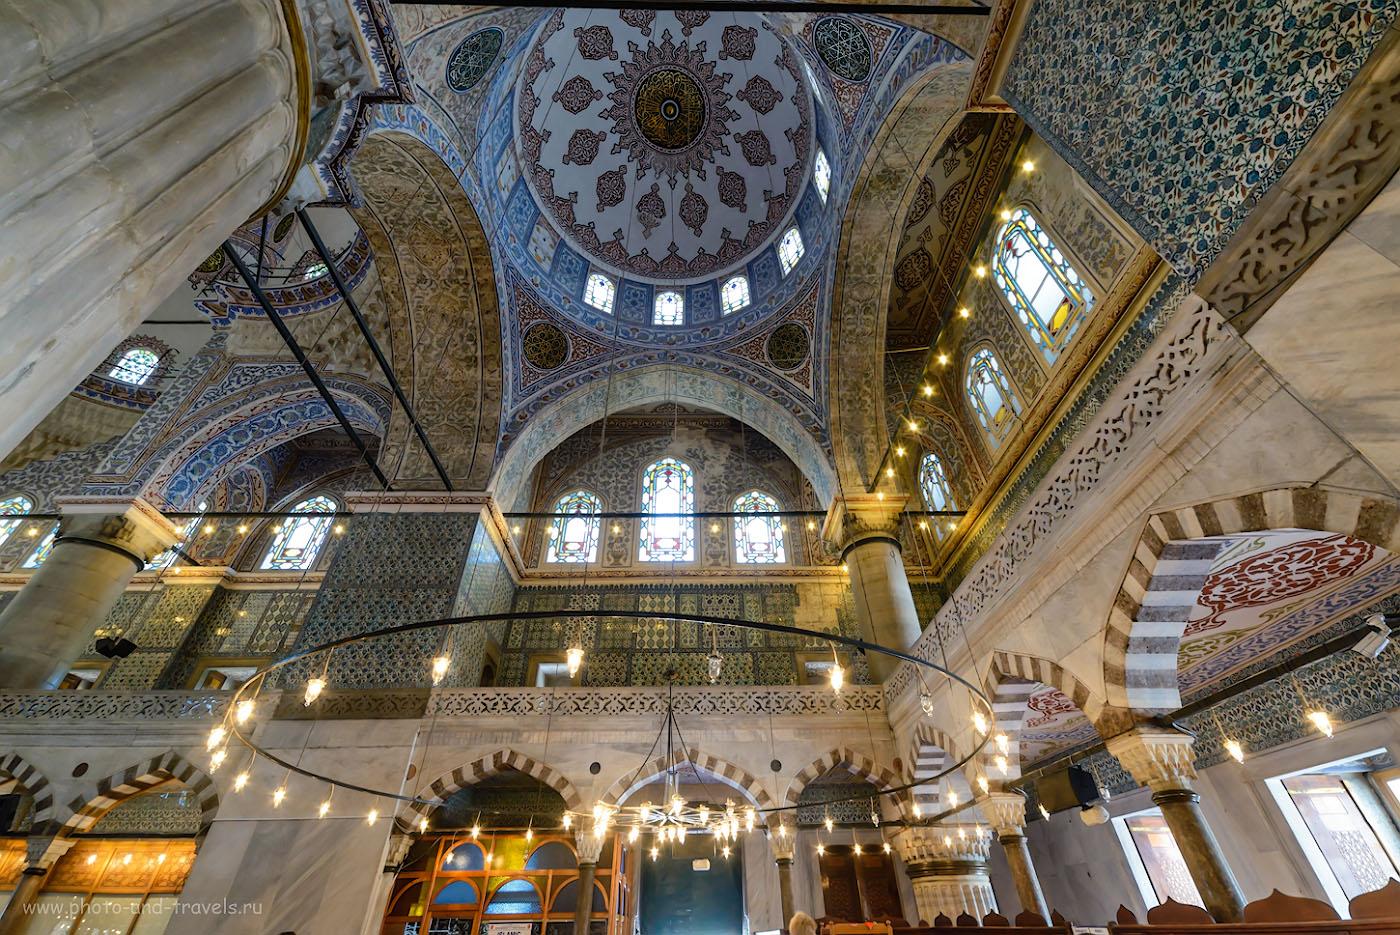 Фотография 8. Красота Голубой мечети. Экскурсия по Стамбулу. Отзывы туристов о поездке в Турцию. 1/30, +0.67, 5.6, 1250, 14.